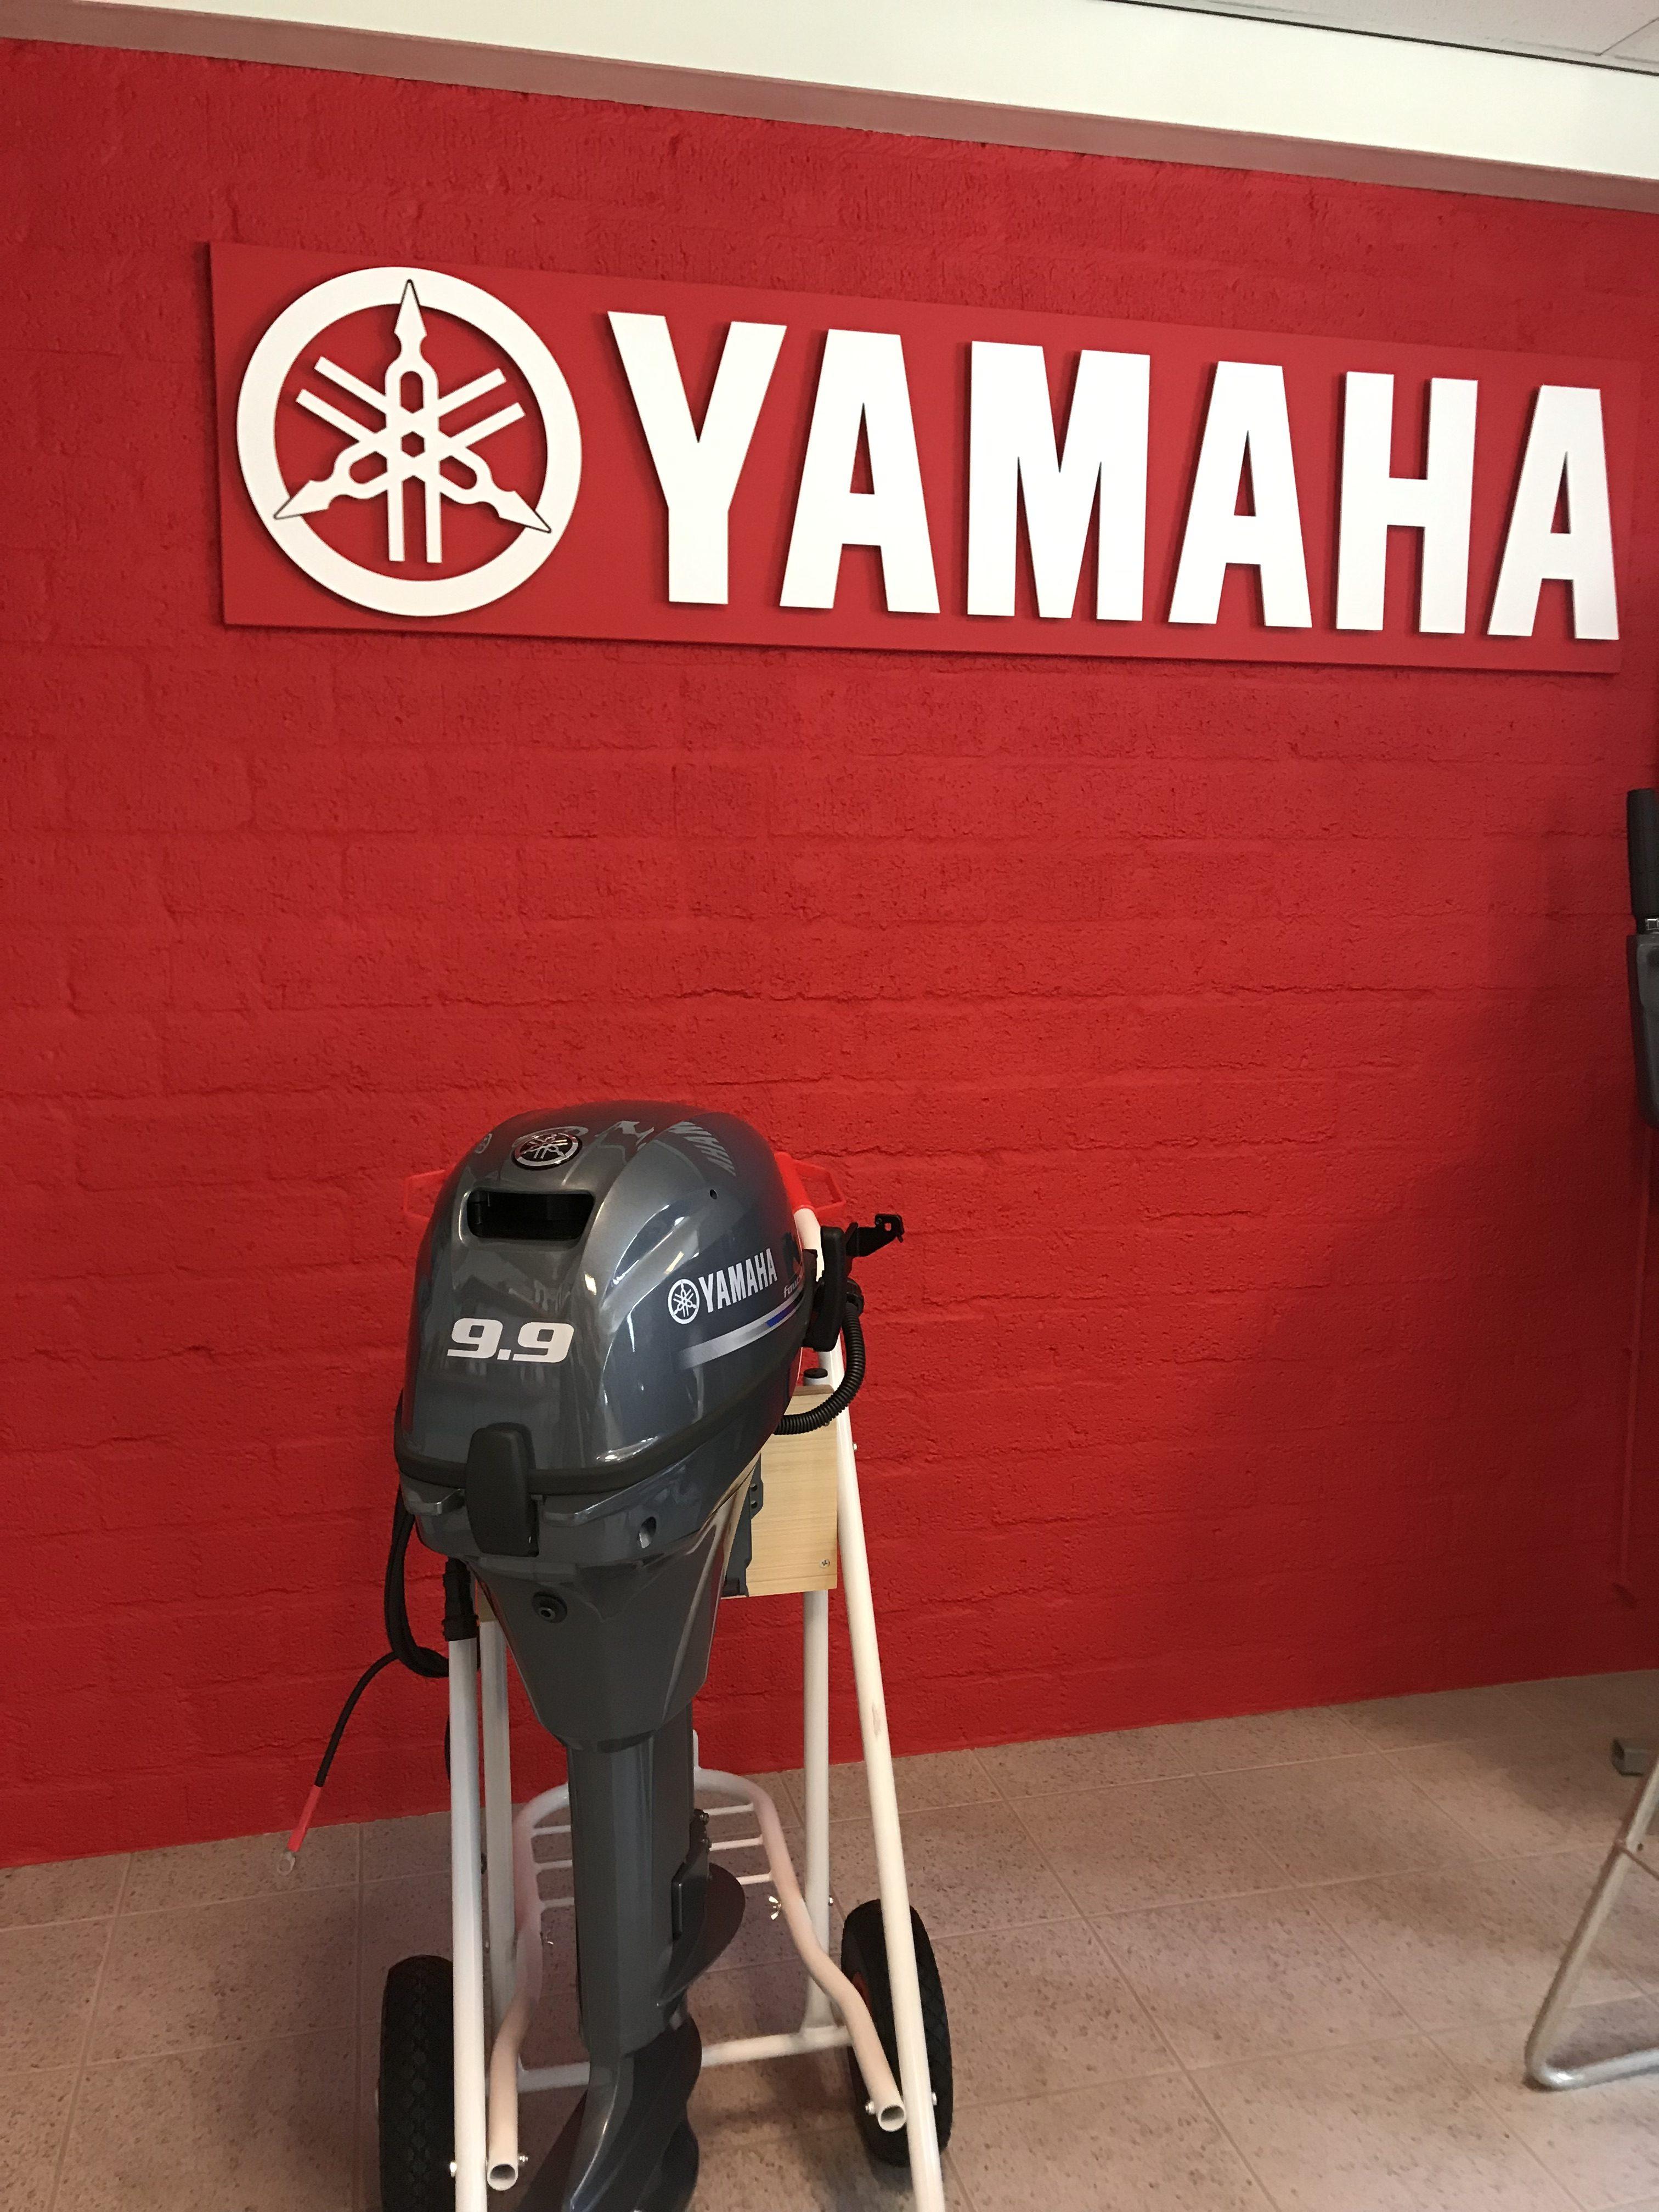 Yamaha F9.9 Image